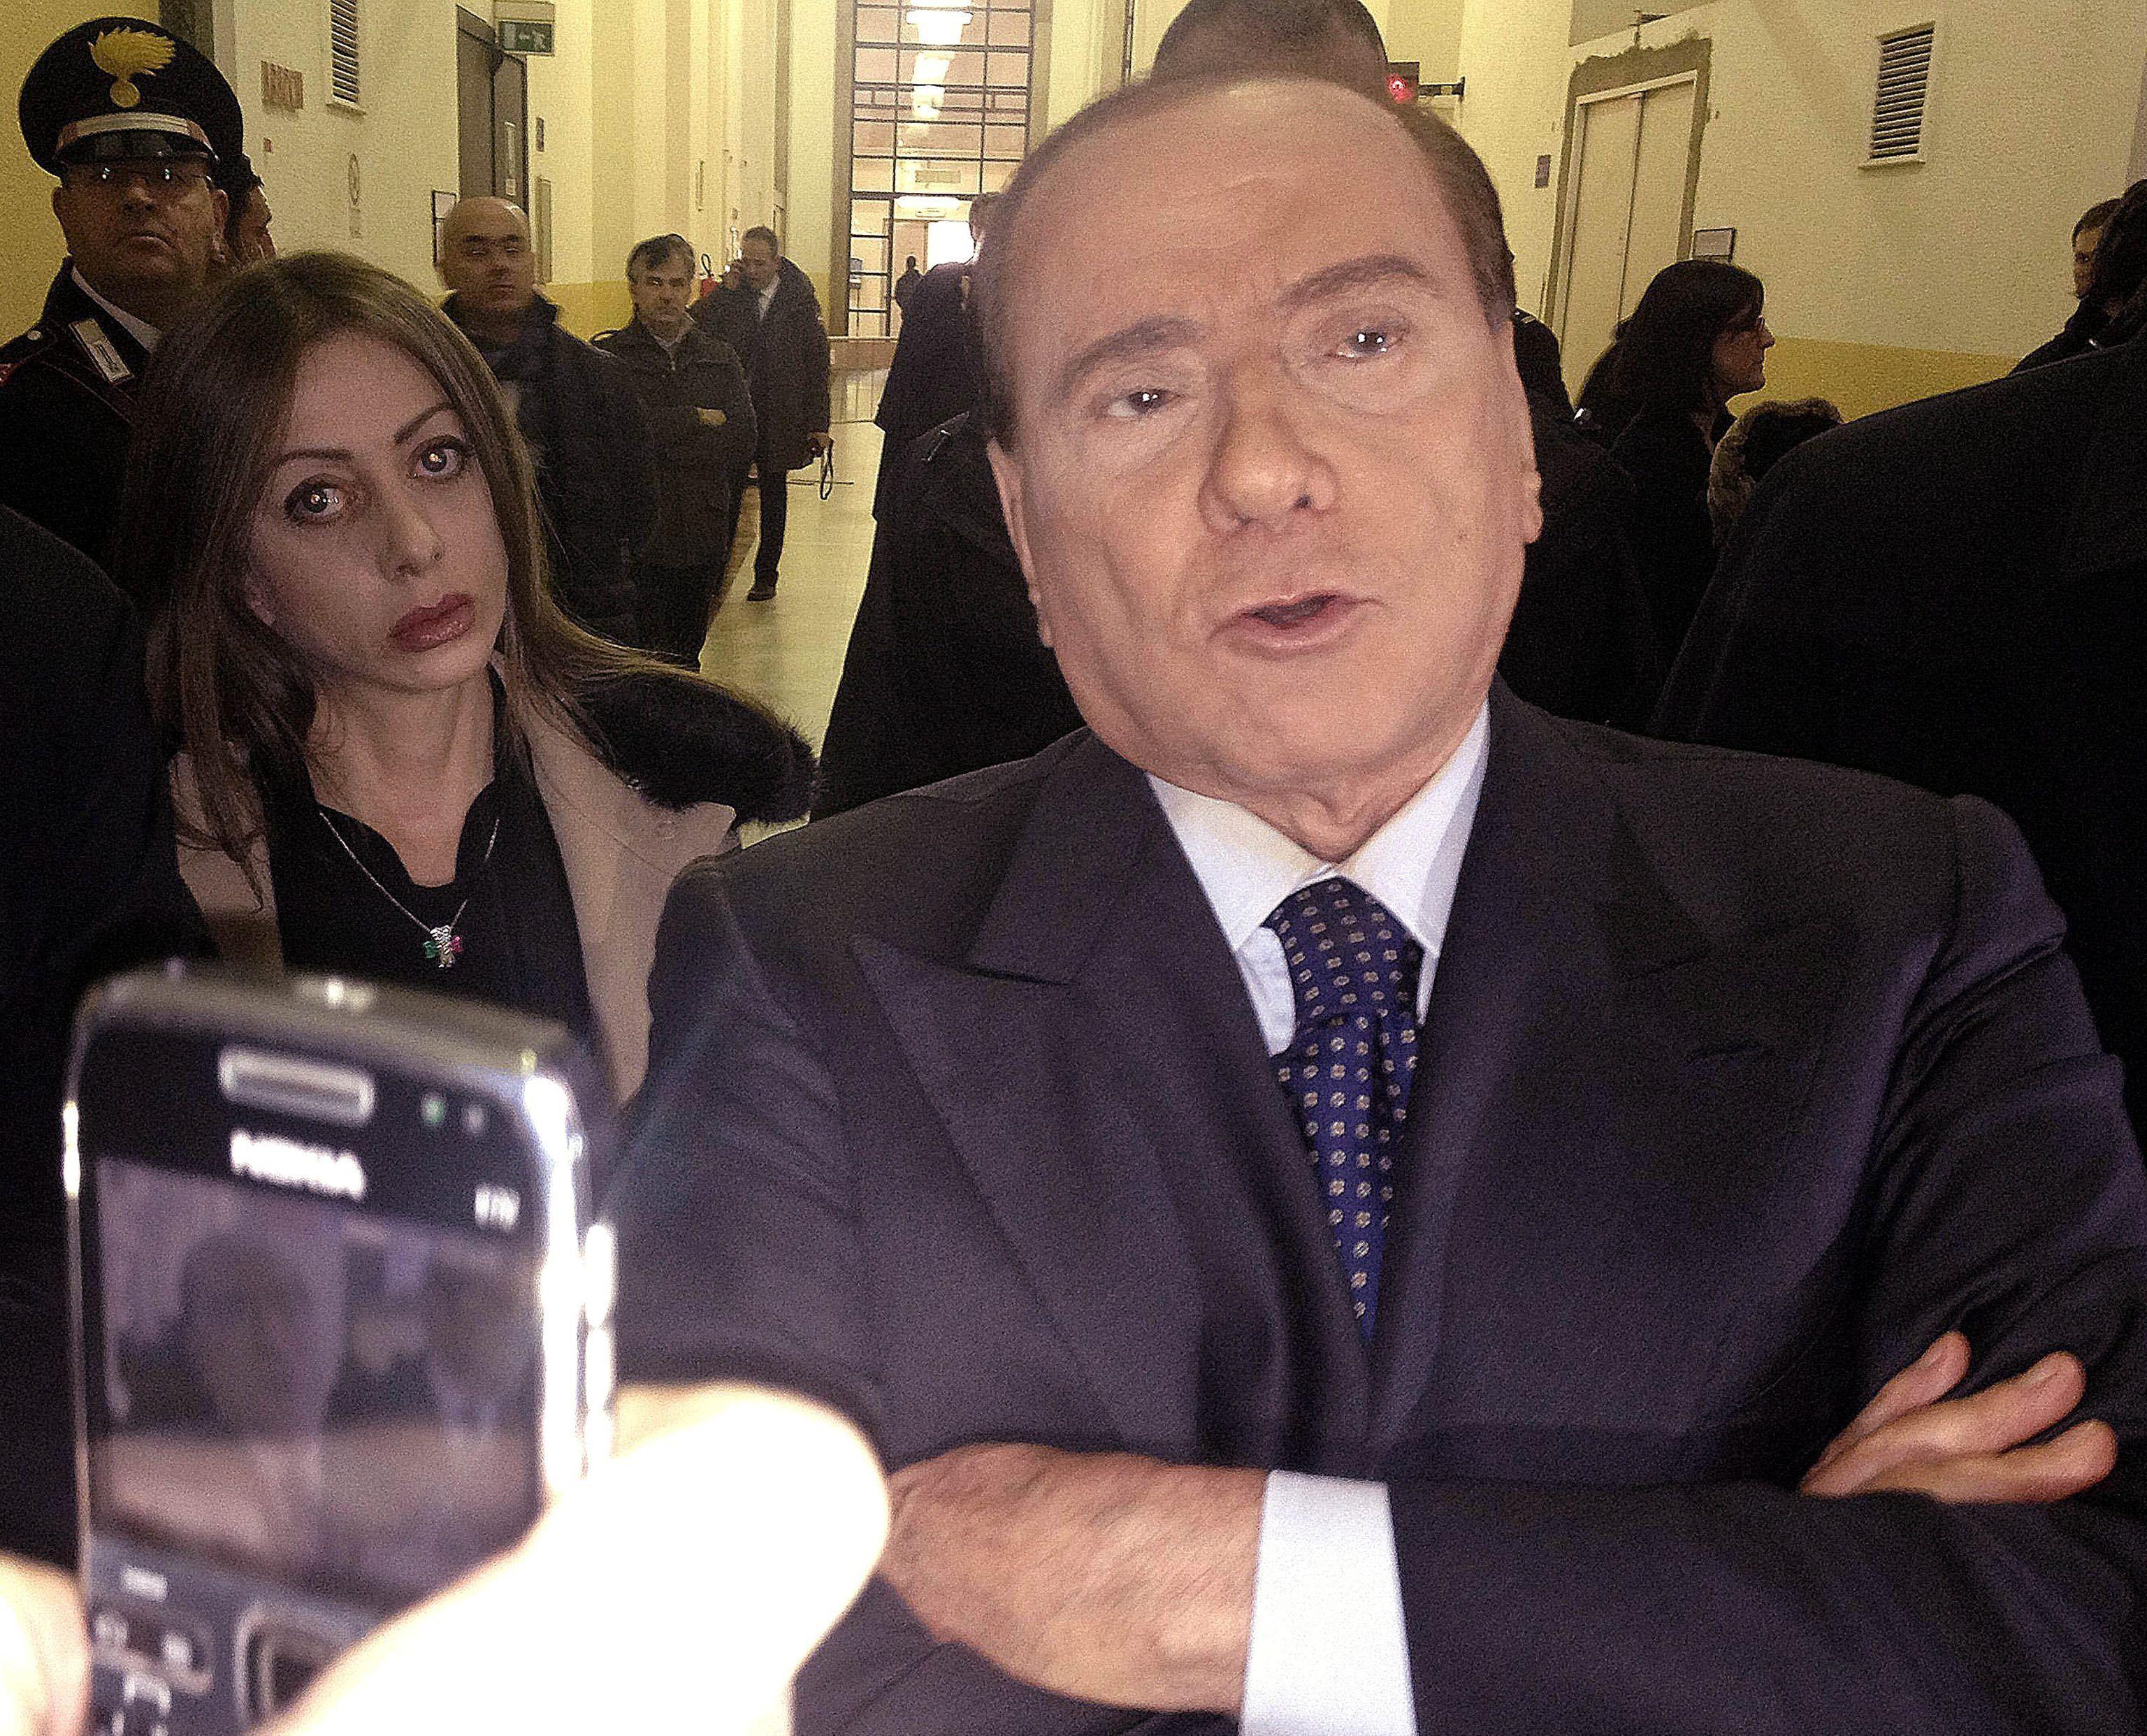 Internaron a Berlusconi tras su condena a un año de prisión